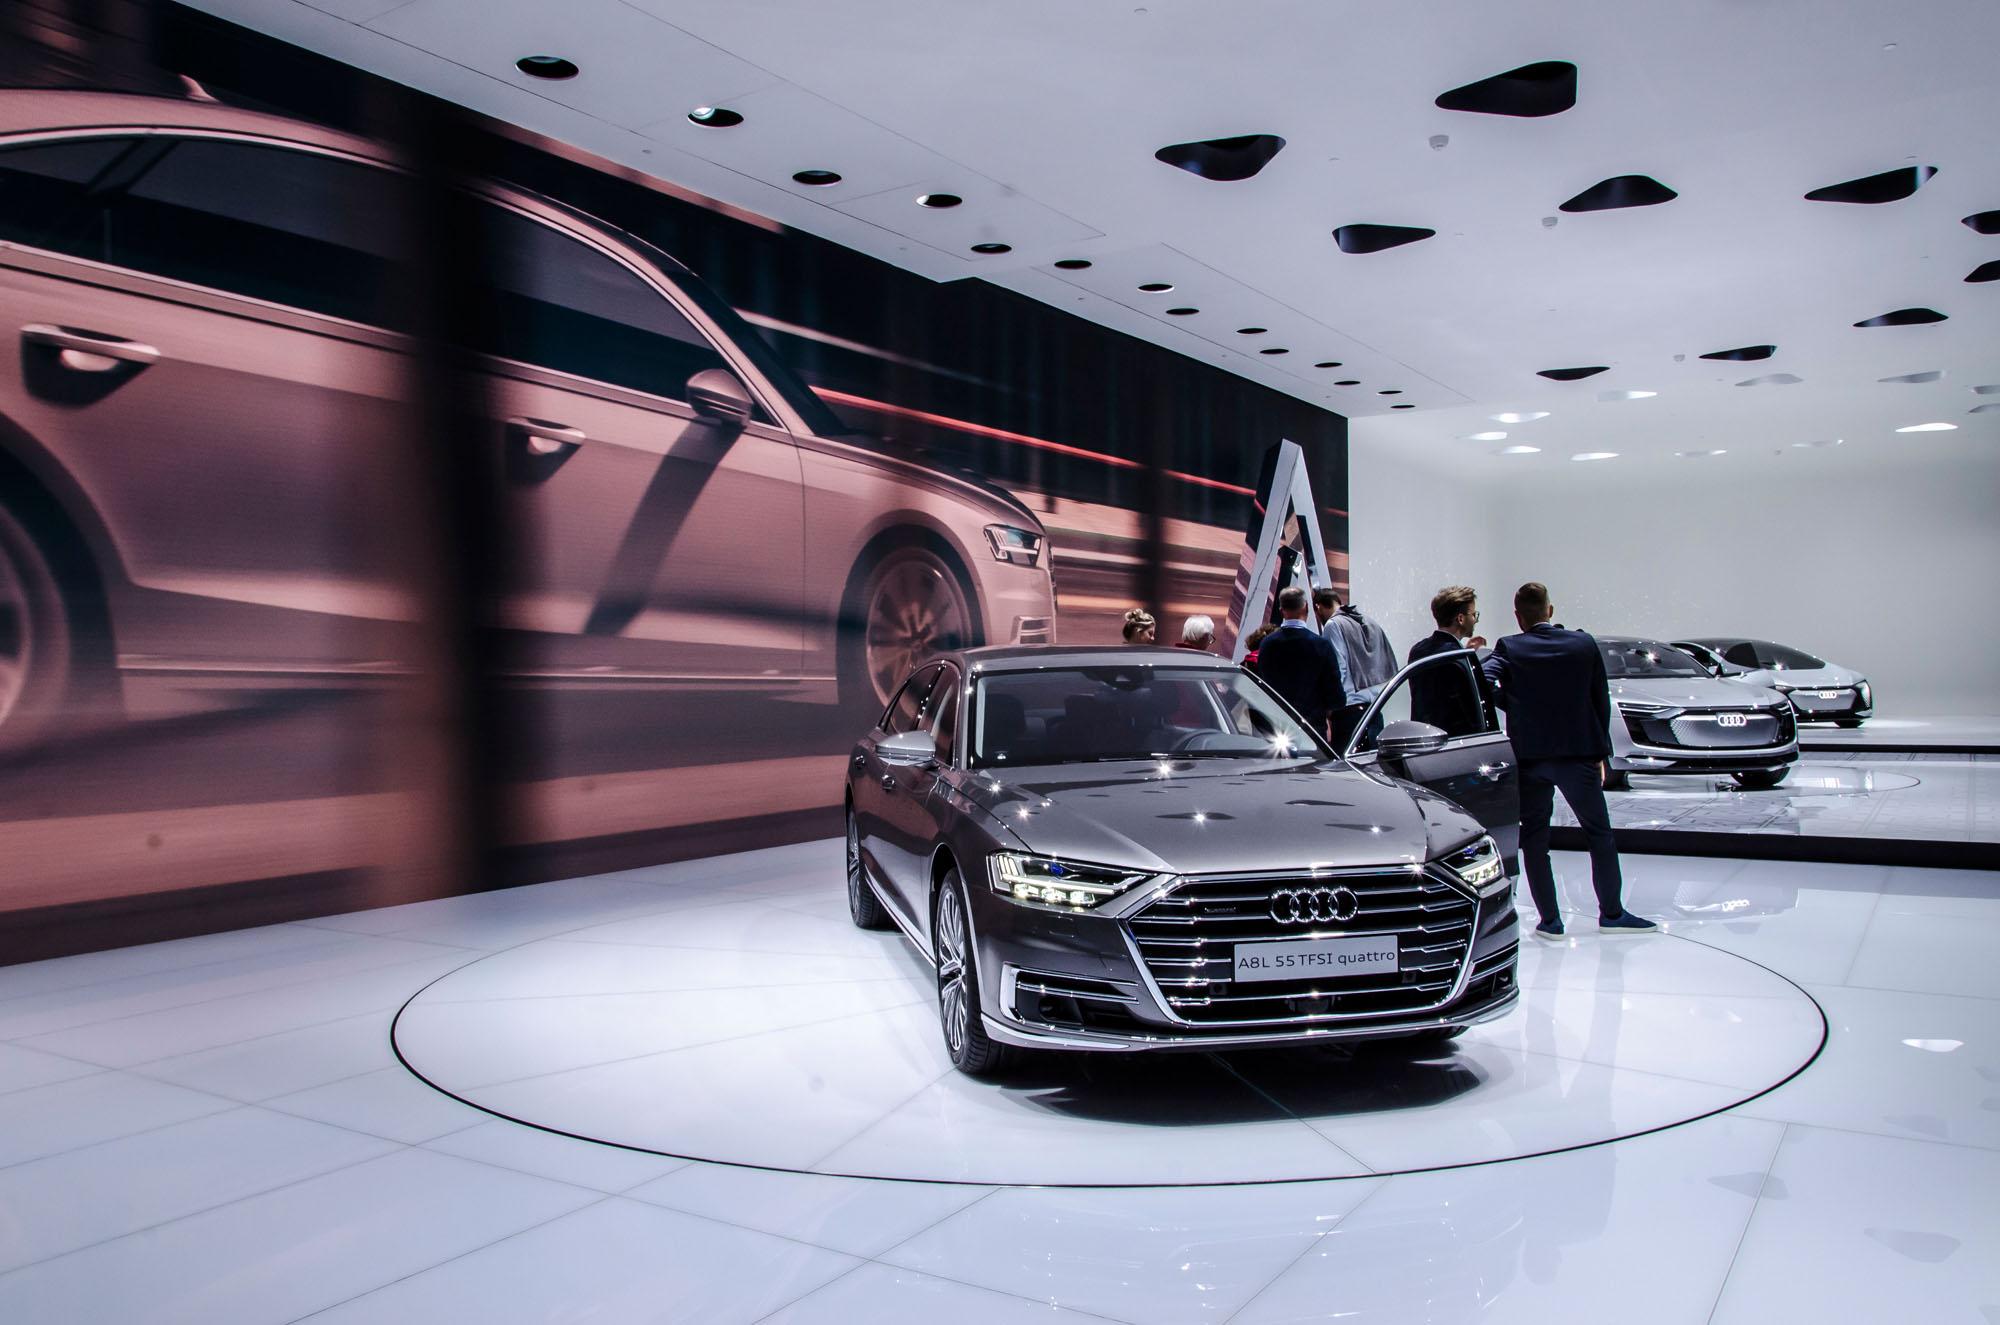 Luxusliner ohne Serientuning: Der nagelneue Audi A8 auf der IAA 2017.